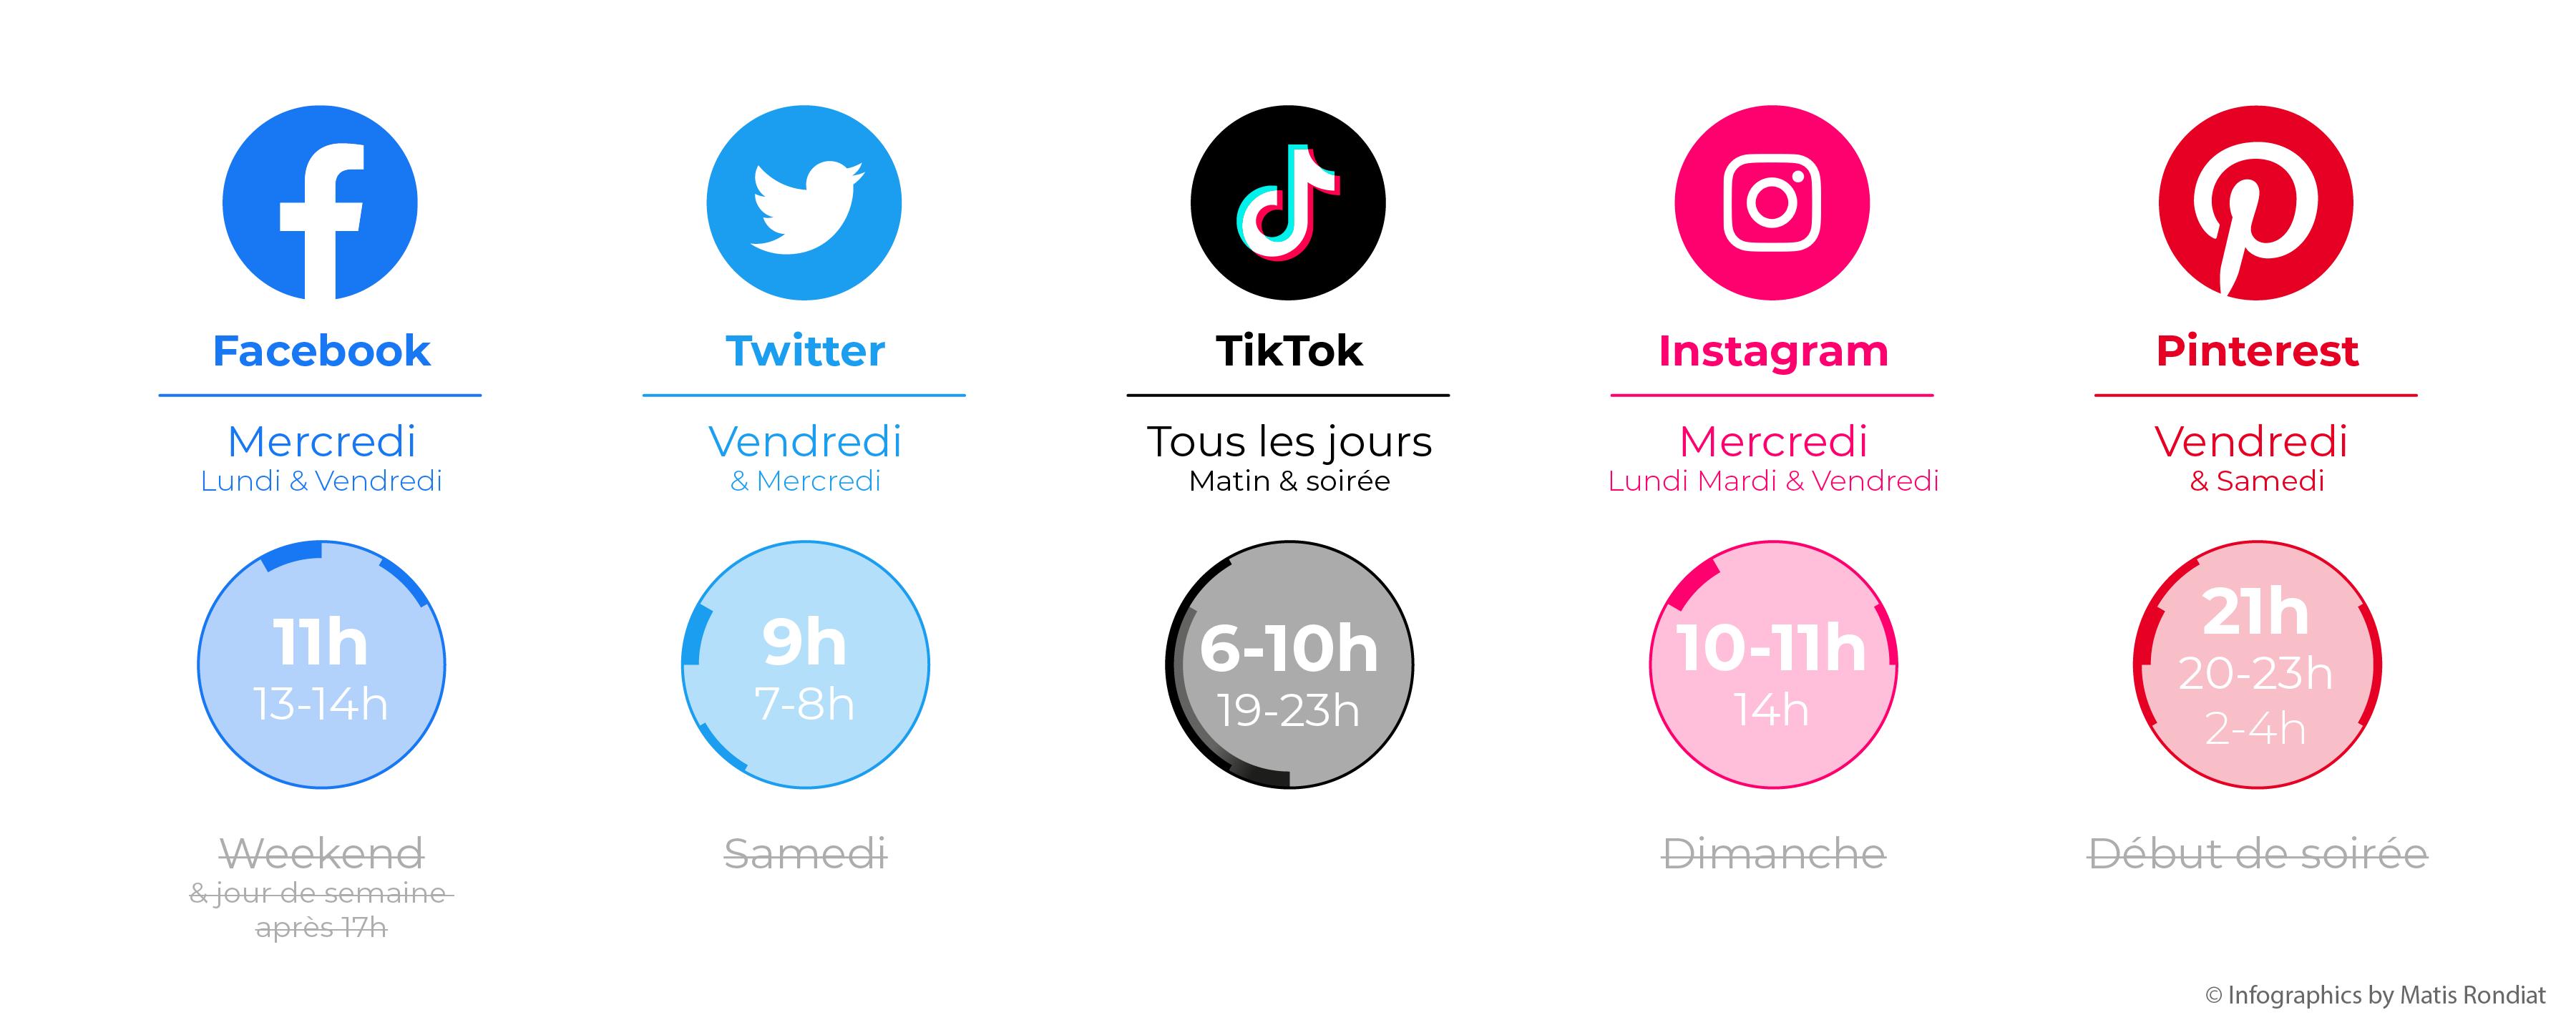 Heures de pointe de différents réseaux sociaux